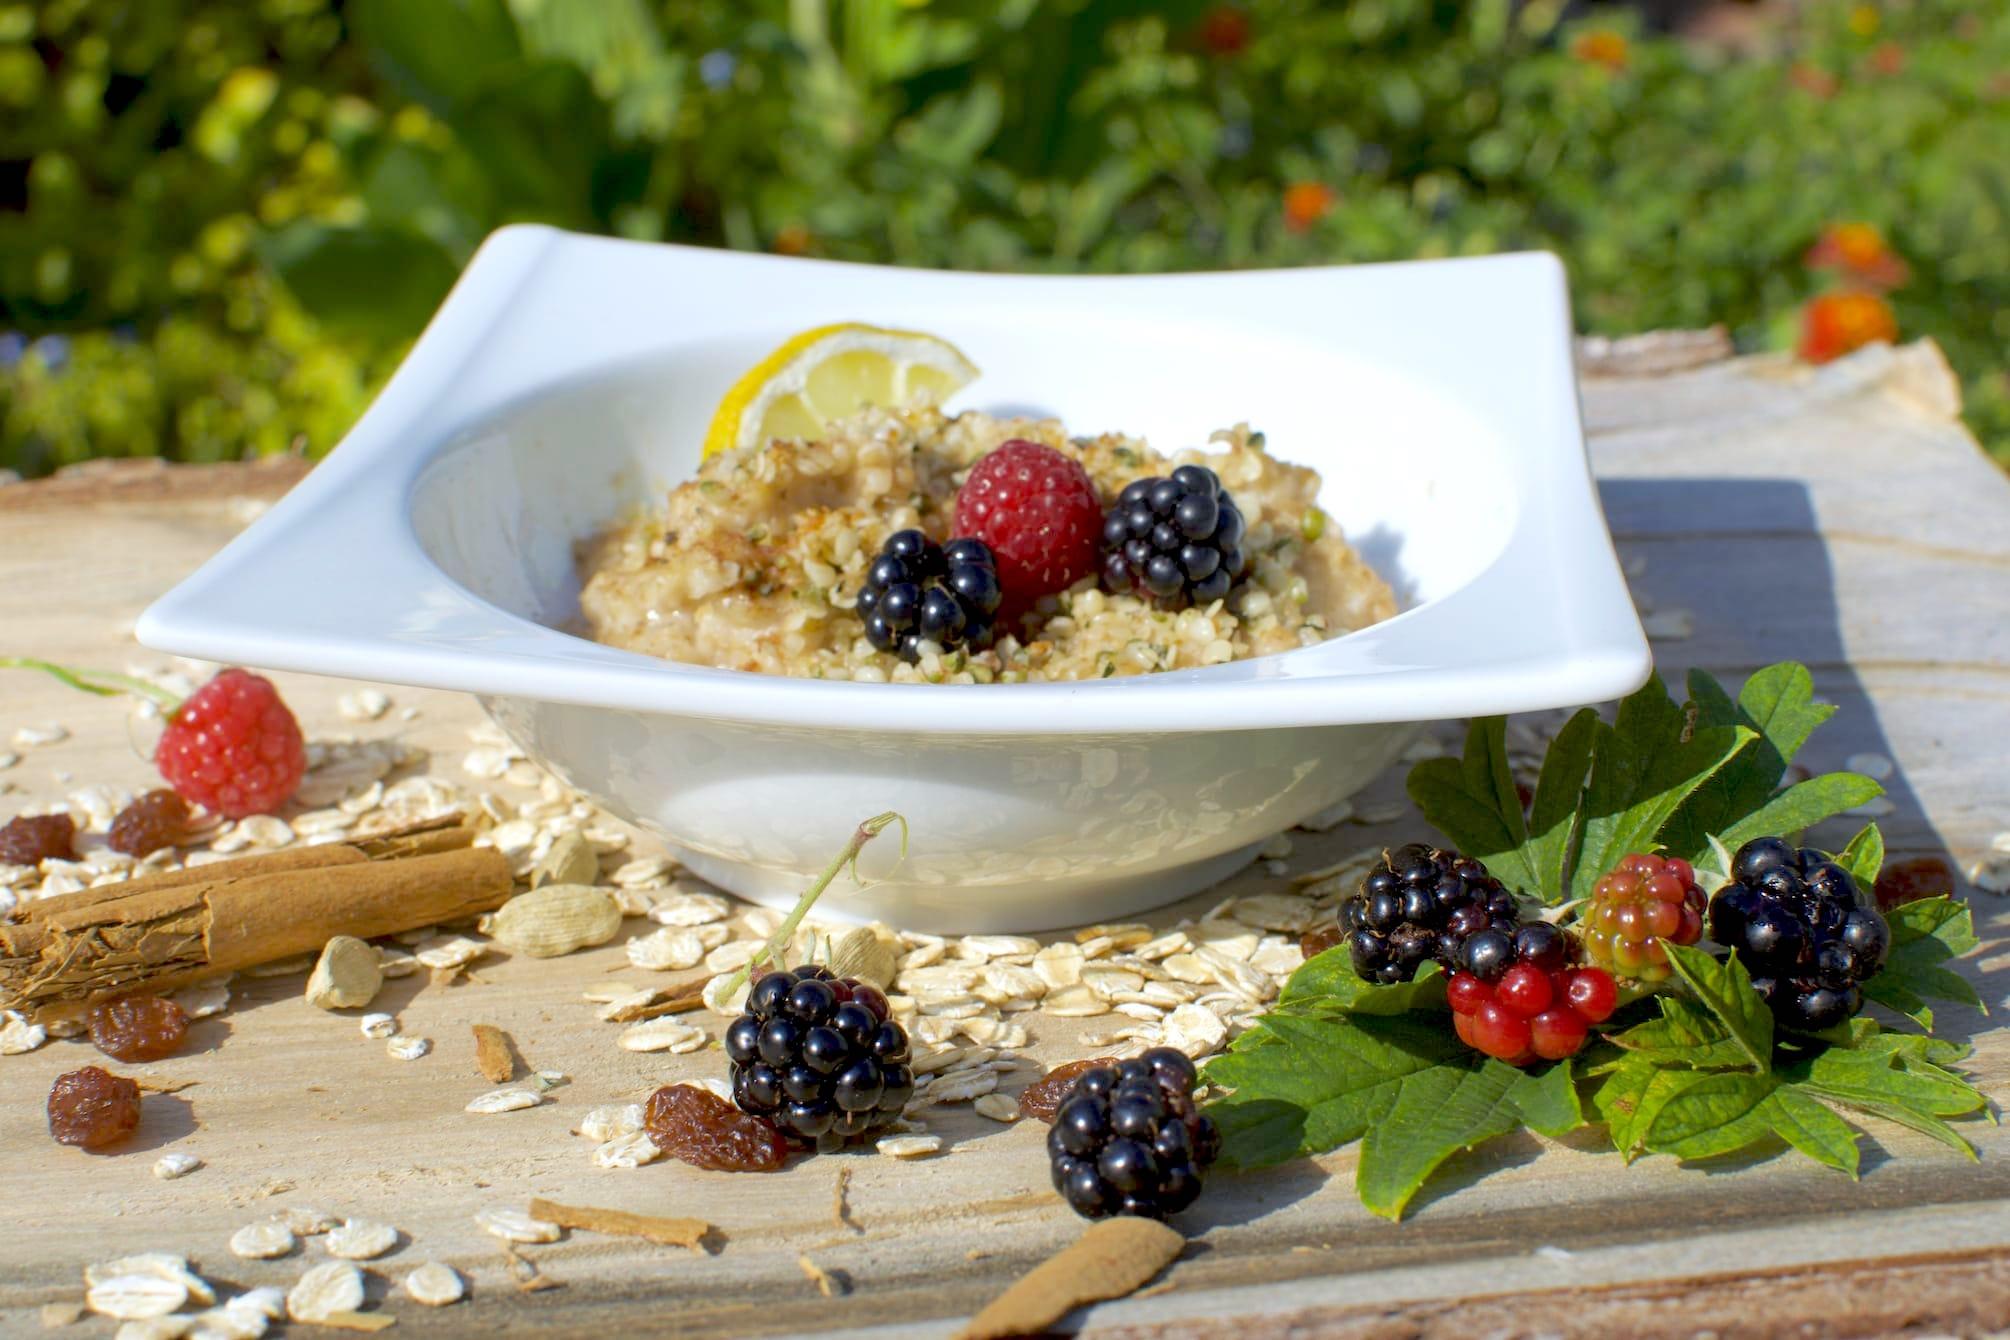 Porridge im Teller mit frischen Beeren und Dekoration auf einem Holzbrett